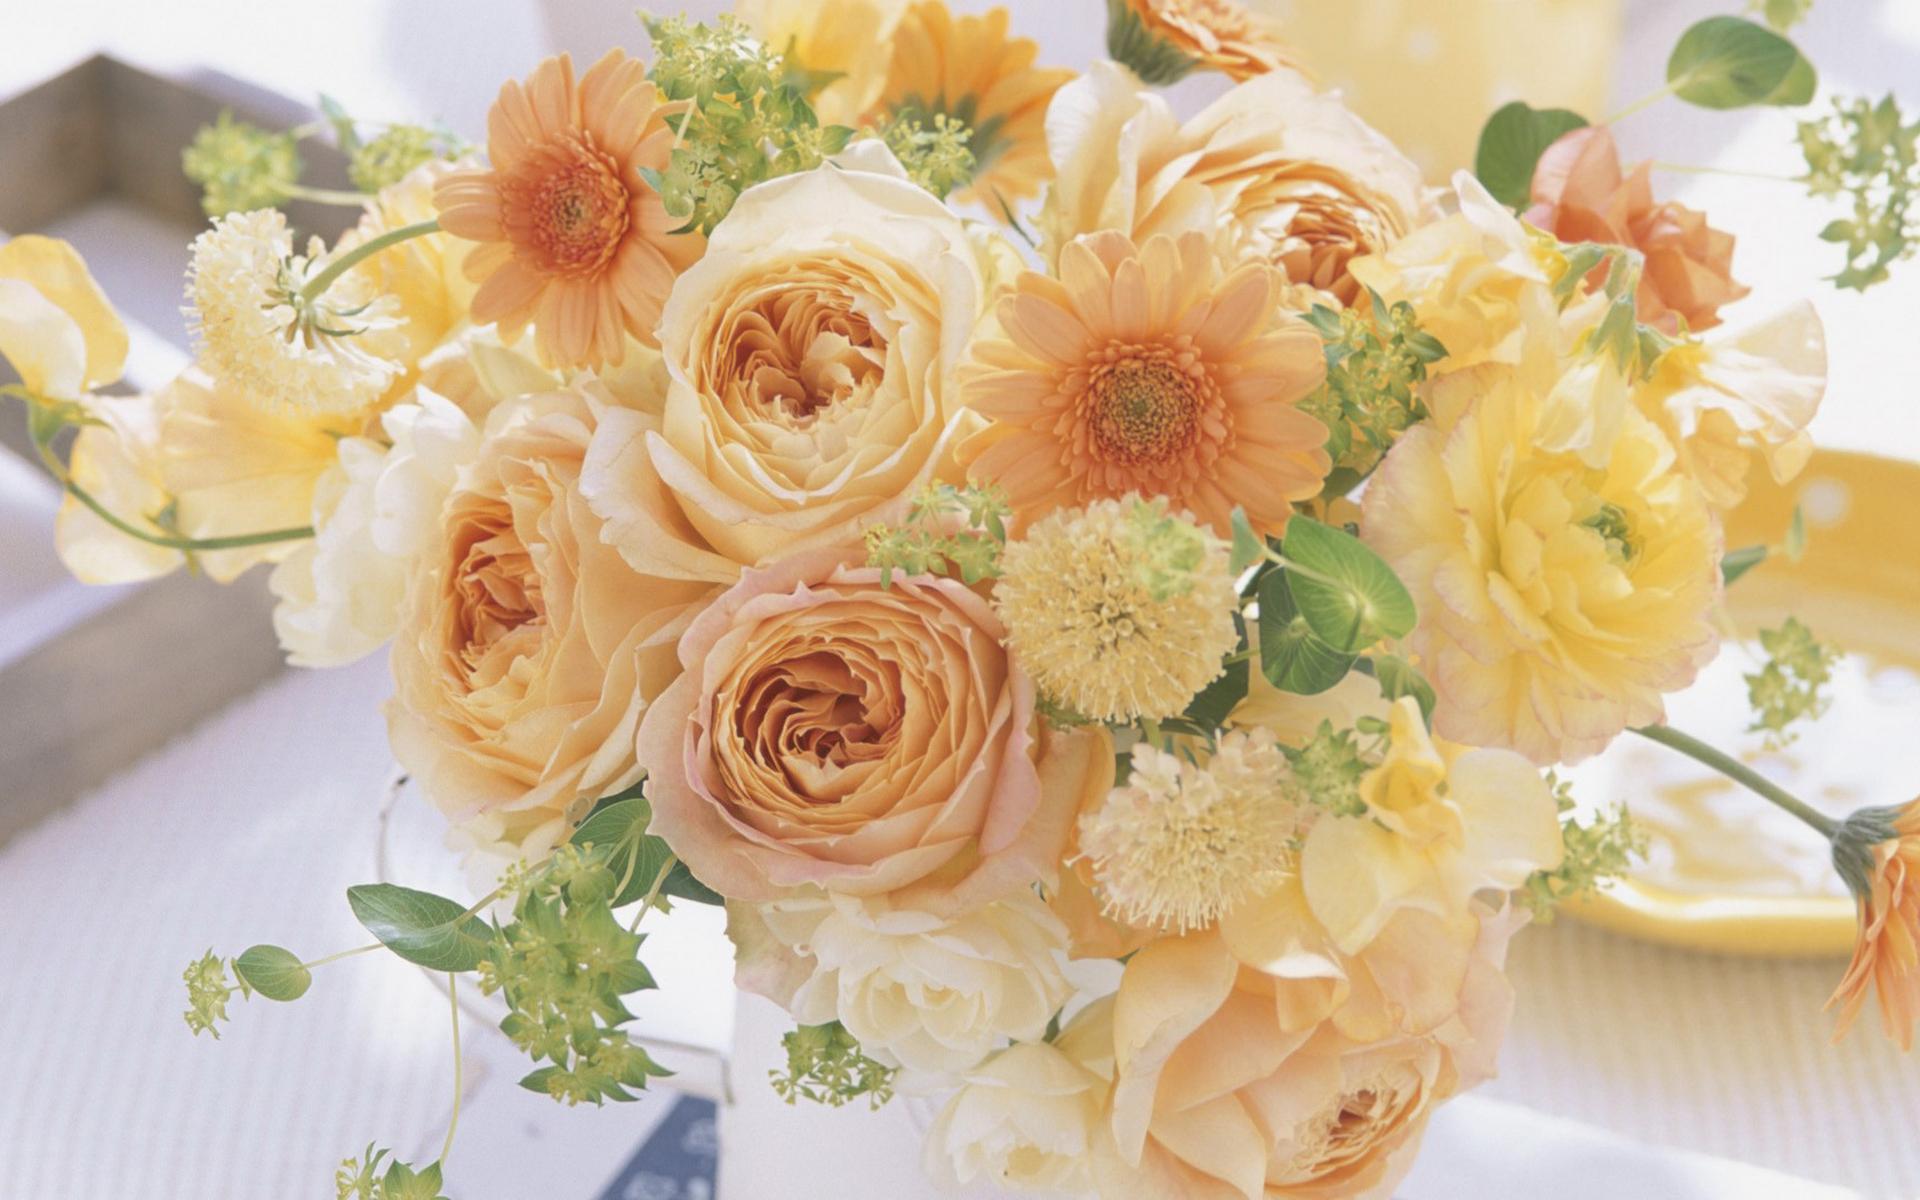 обои букет, композиция, цветы, разные картинки фото